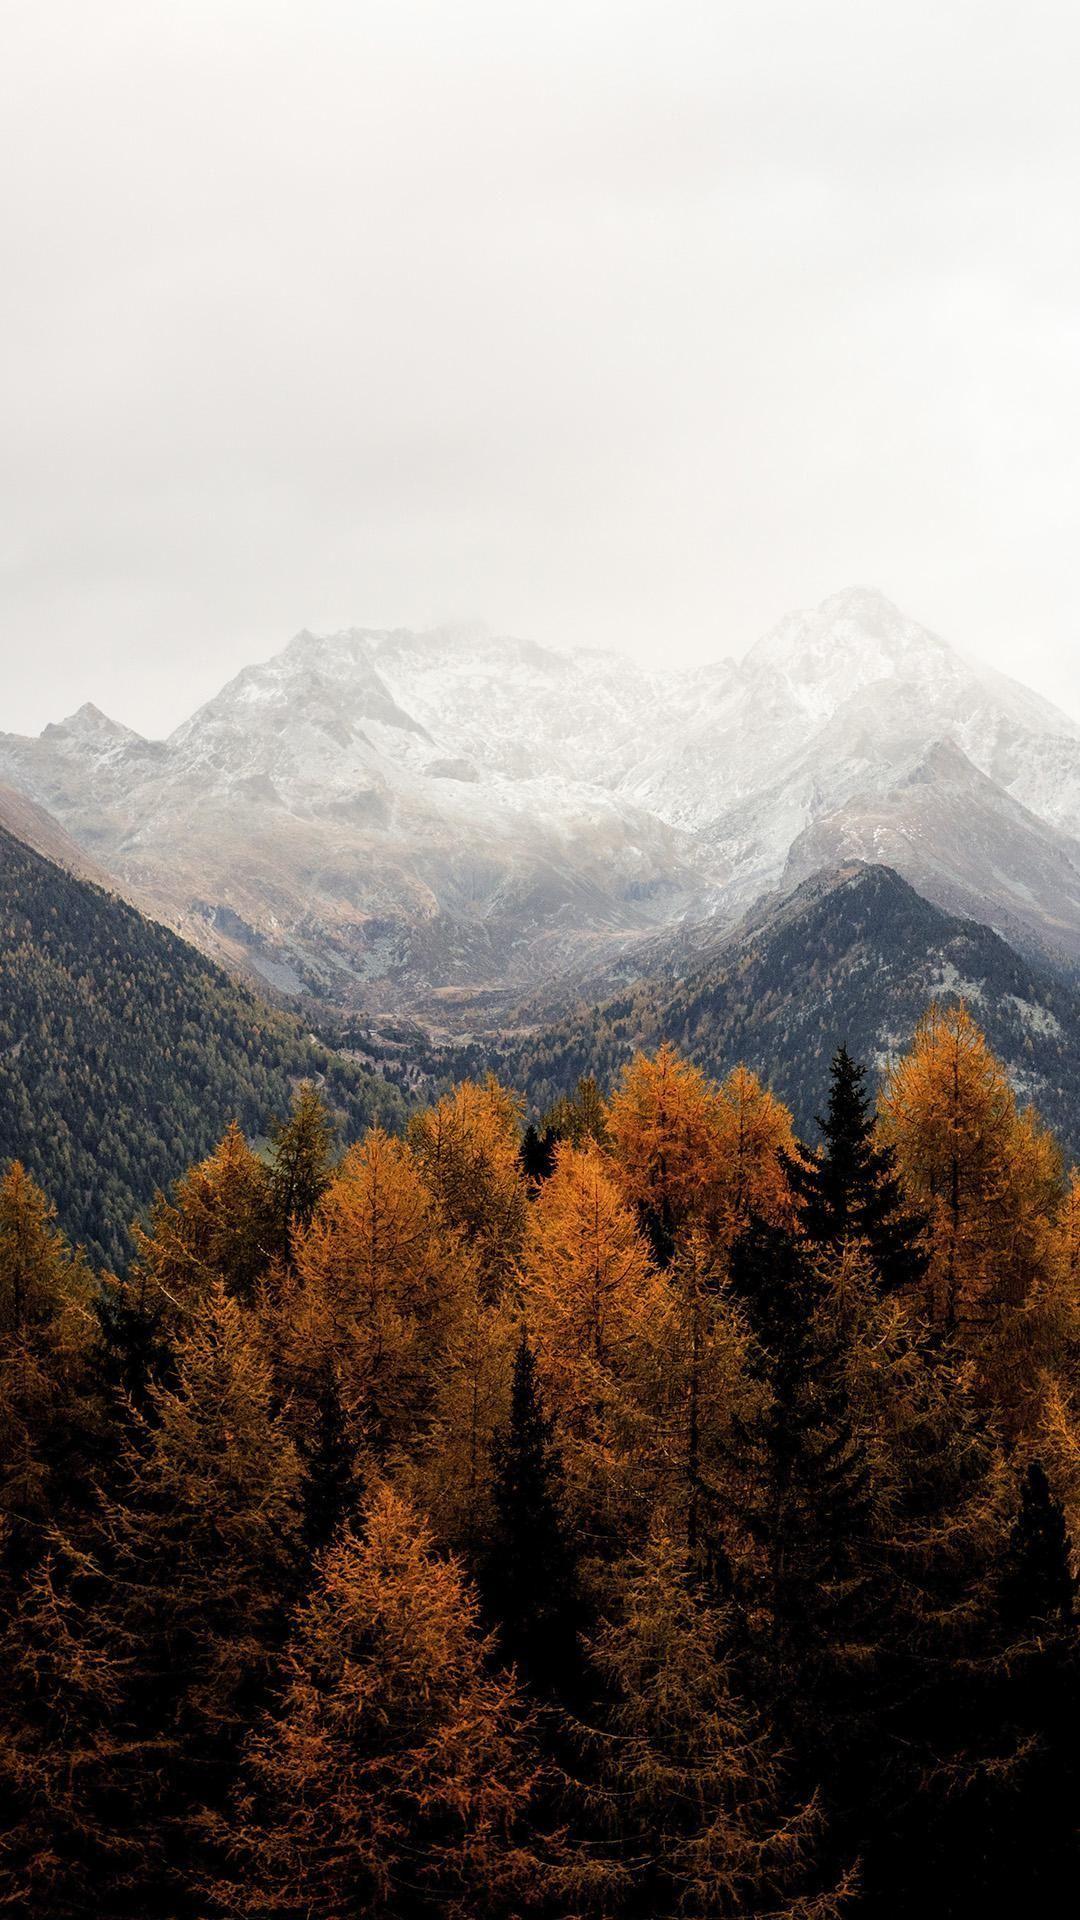 Autumn wallpaper mountains mobile iphone 517421444690663549 #autumnwallpaper Autumn wallpaper mountains mobile iphone 517421444690663549 #autumnwallpaper